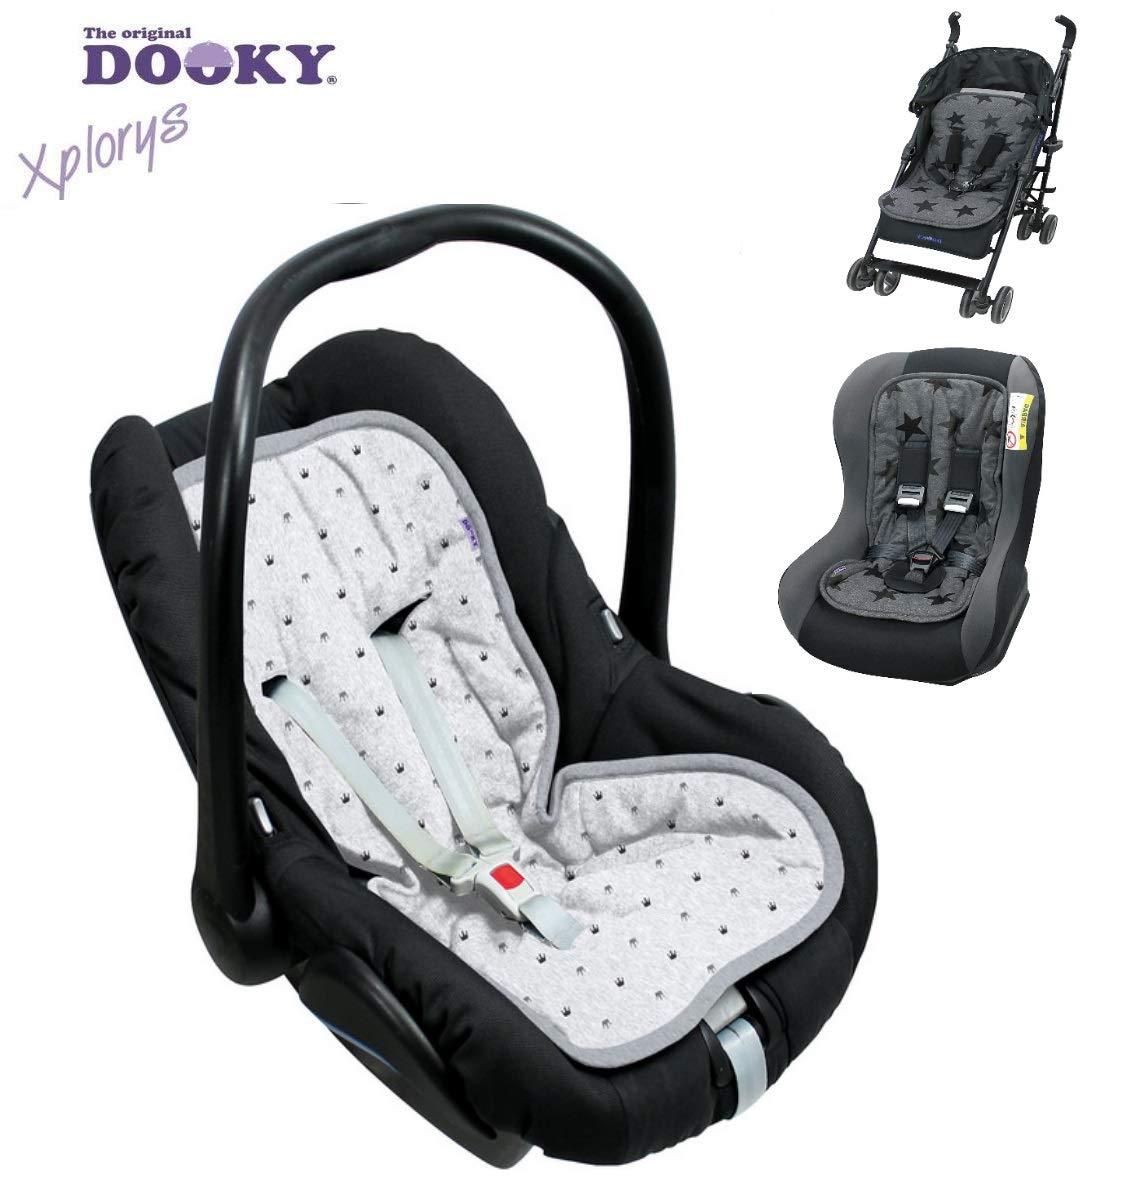 Original dooky 4in1–MultiSeat * * comodidad Asiento/Asiento para * * universal para portabebés, asiento de coche, por ejemplo para maxi-cosi, para carrito, Buggy, balancín, Trona etc. gris Grey Crowns Talla:ca. 70x35cm The Original Dooky by XPlorys